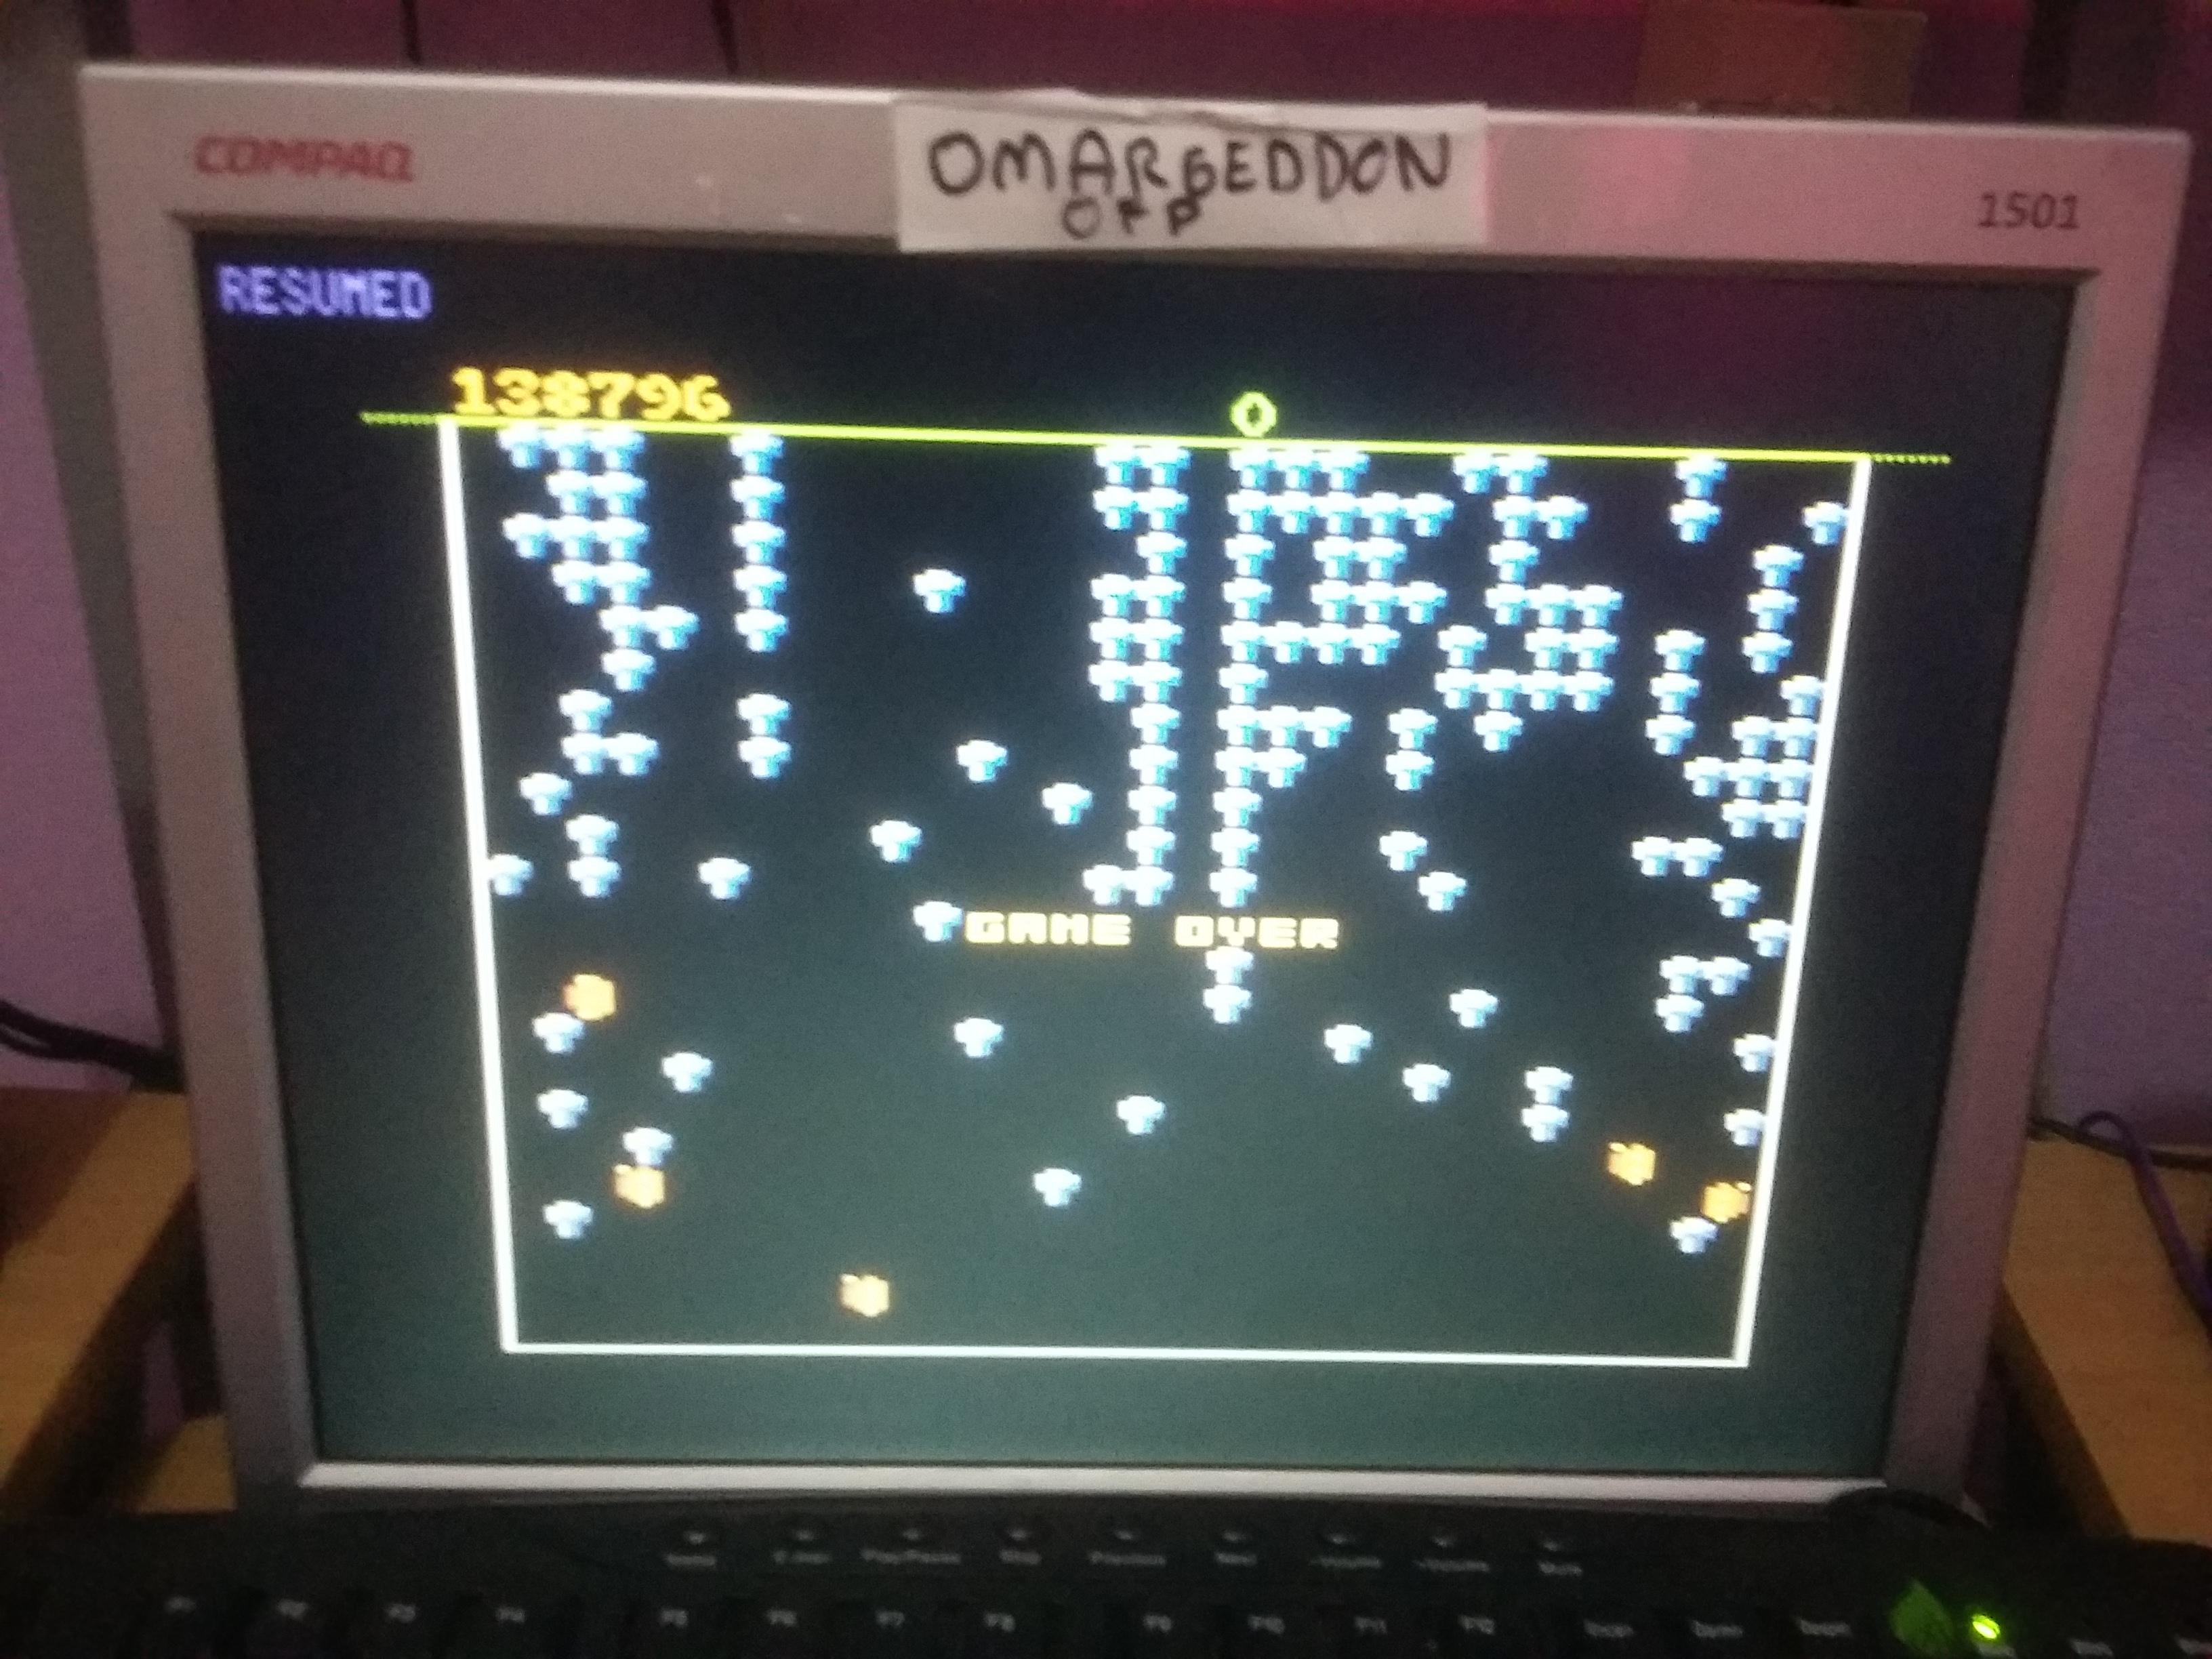 omargeddon: Centipede: Novice (Atari 7800 Emulated) 138,796 points on 2017-01-09 10:35:57